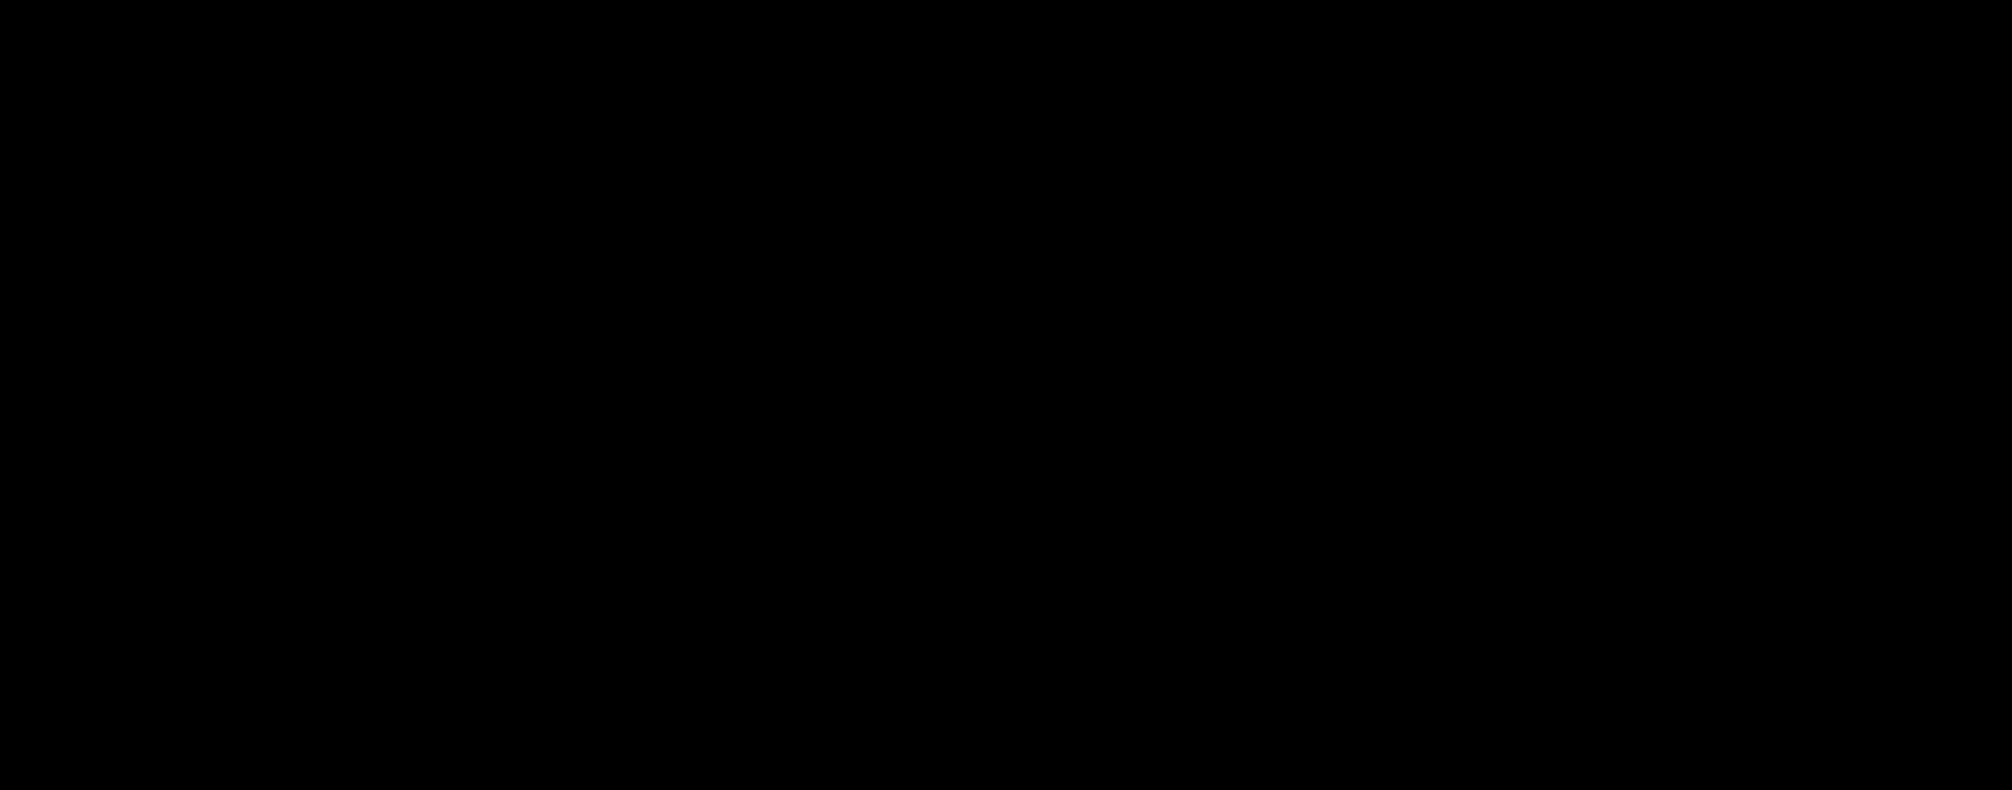 N-Desethyl Sunitinib